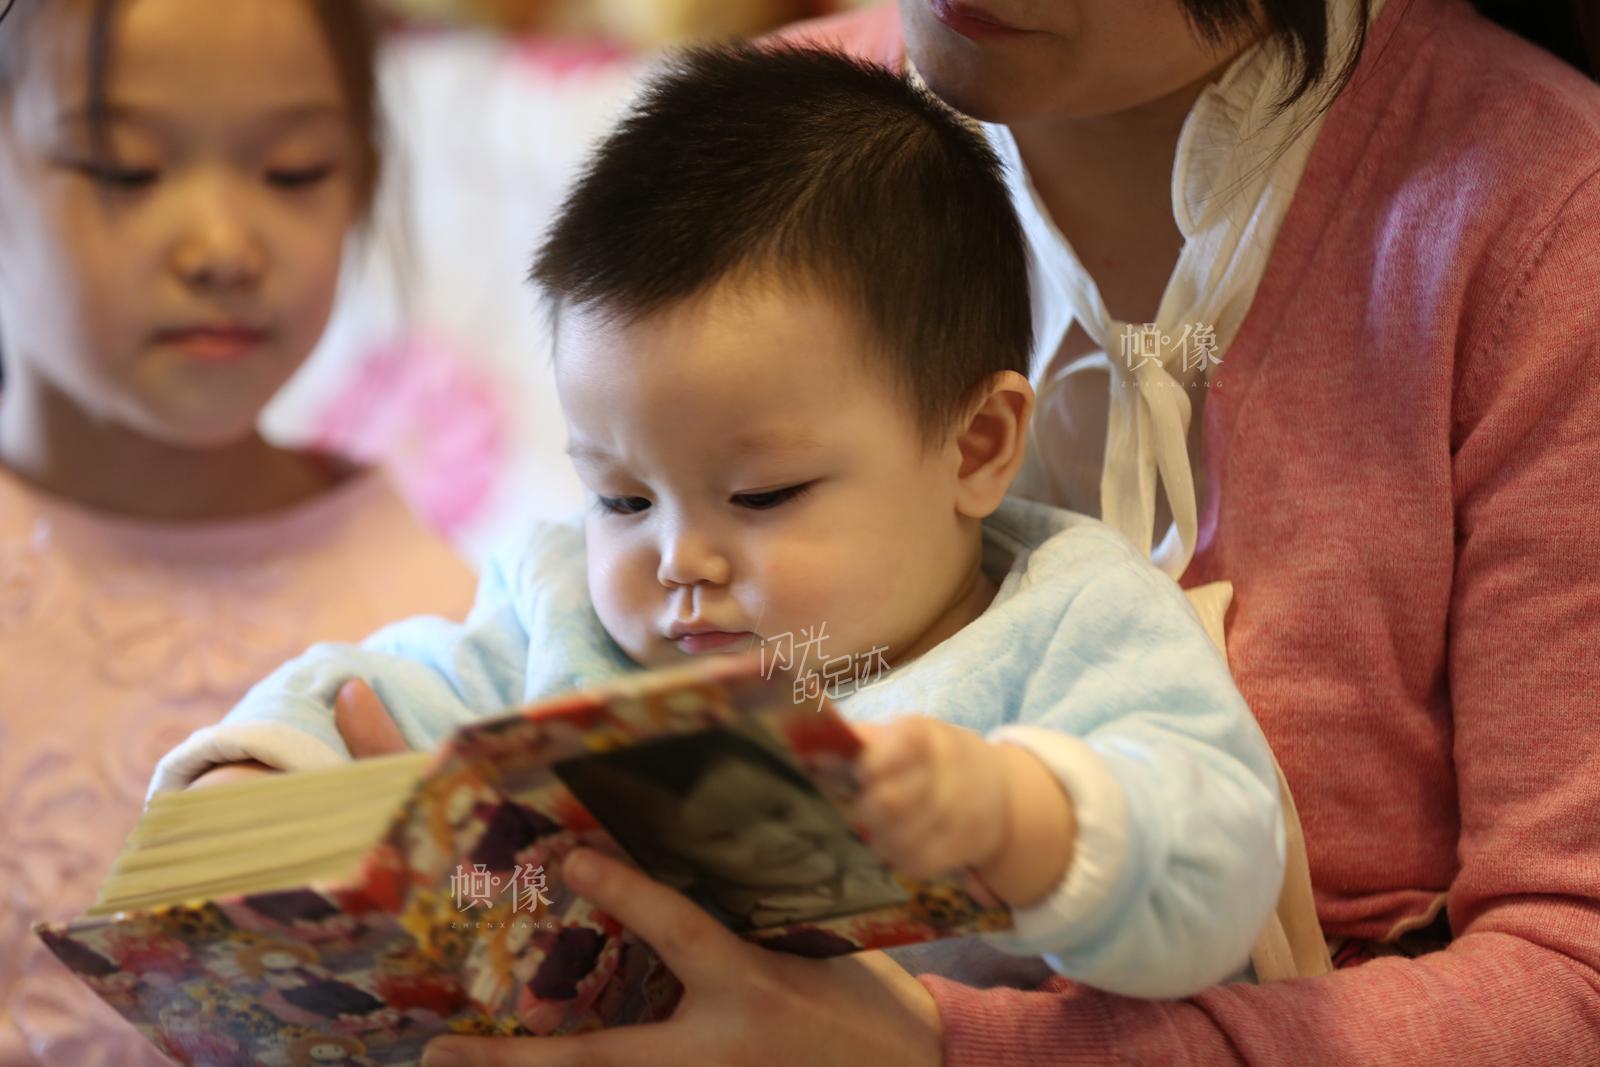 老二宋星延在妈妈怀抱里和姐姐一起看妈妈小时候的照片。中国网记者 黄富友 摄